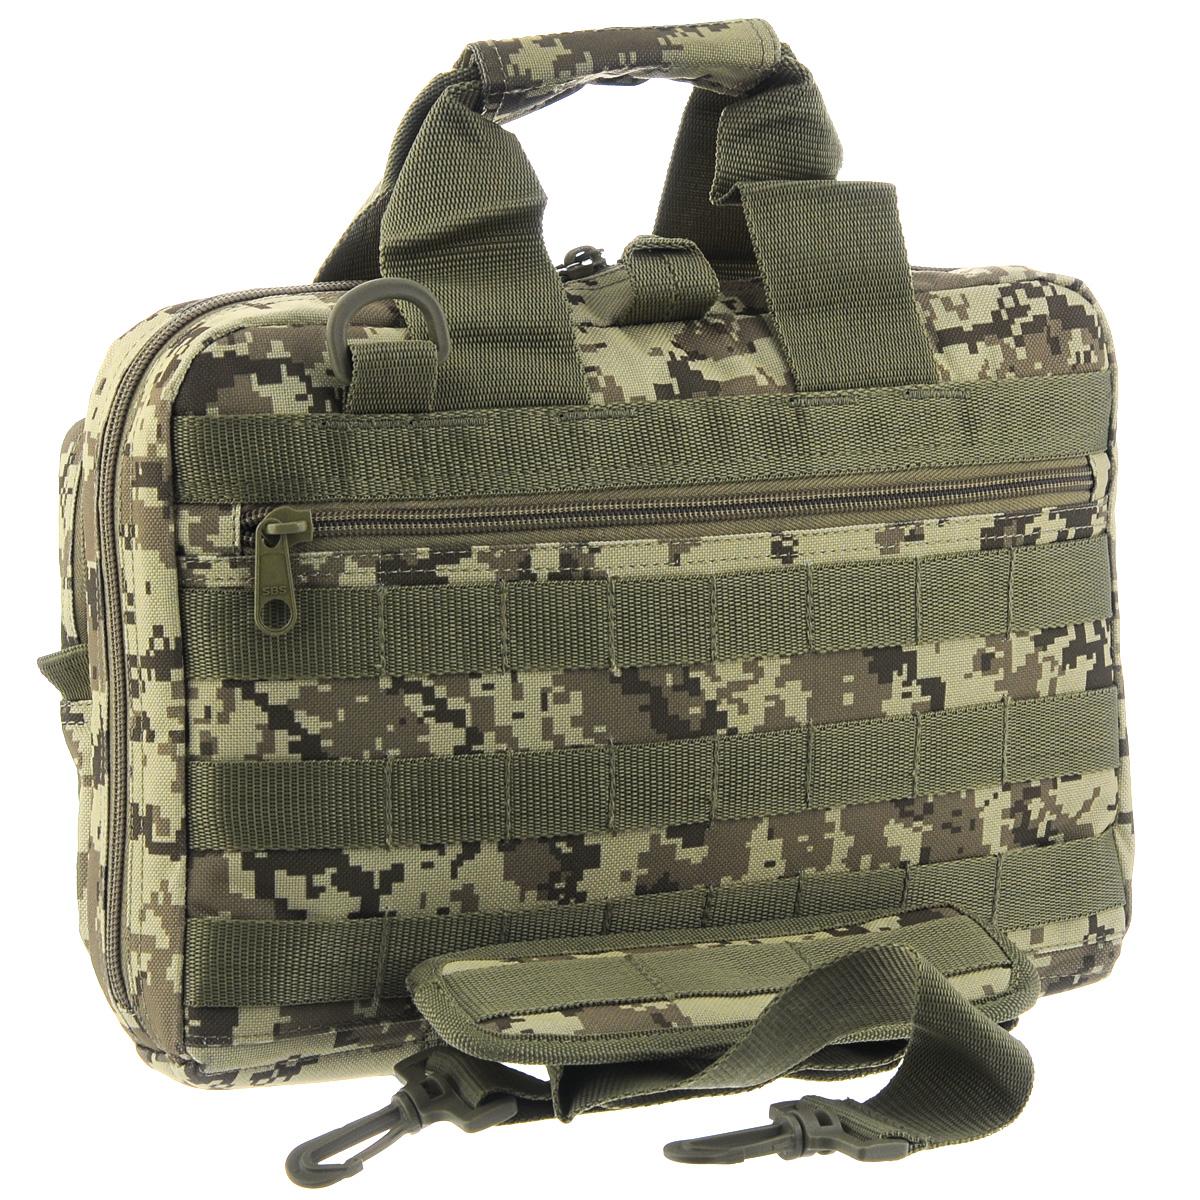 Сумка для оружия Fieldline Shooters Bag, цвет: хаки, 12 л540100019Сумка для оружия Fieldline Shooters Bag выполнена из прочного полиэстера. Она имеет большое основное отделение на застежке-молнии с двумя бегунками, внутри которого имеется множество карманов. Спереди и сзади расположено по одному вместительному карману. Сумка оснащена ручками и регулируемым по длине плечевым ремнем.